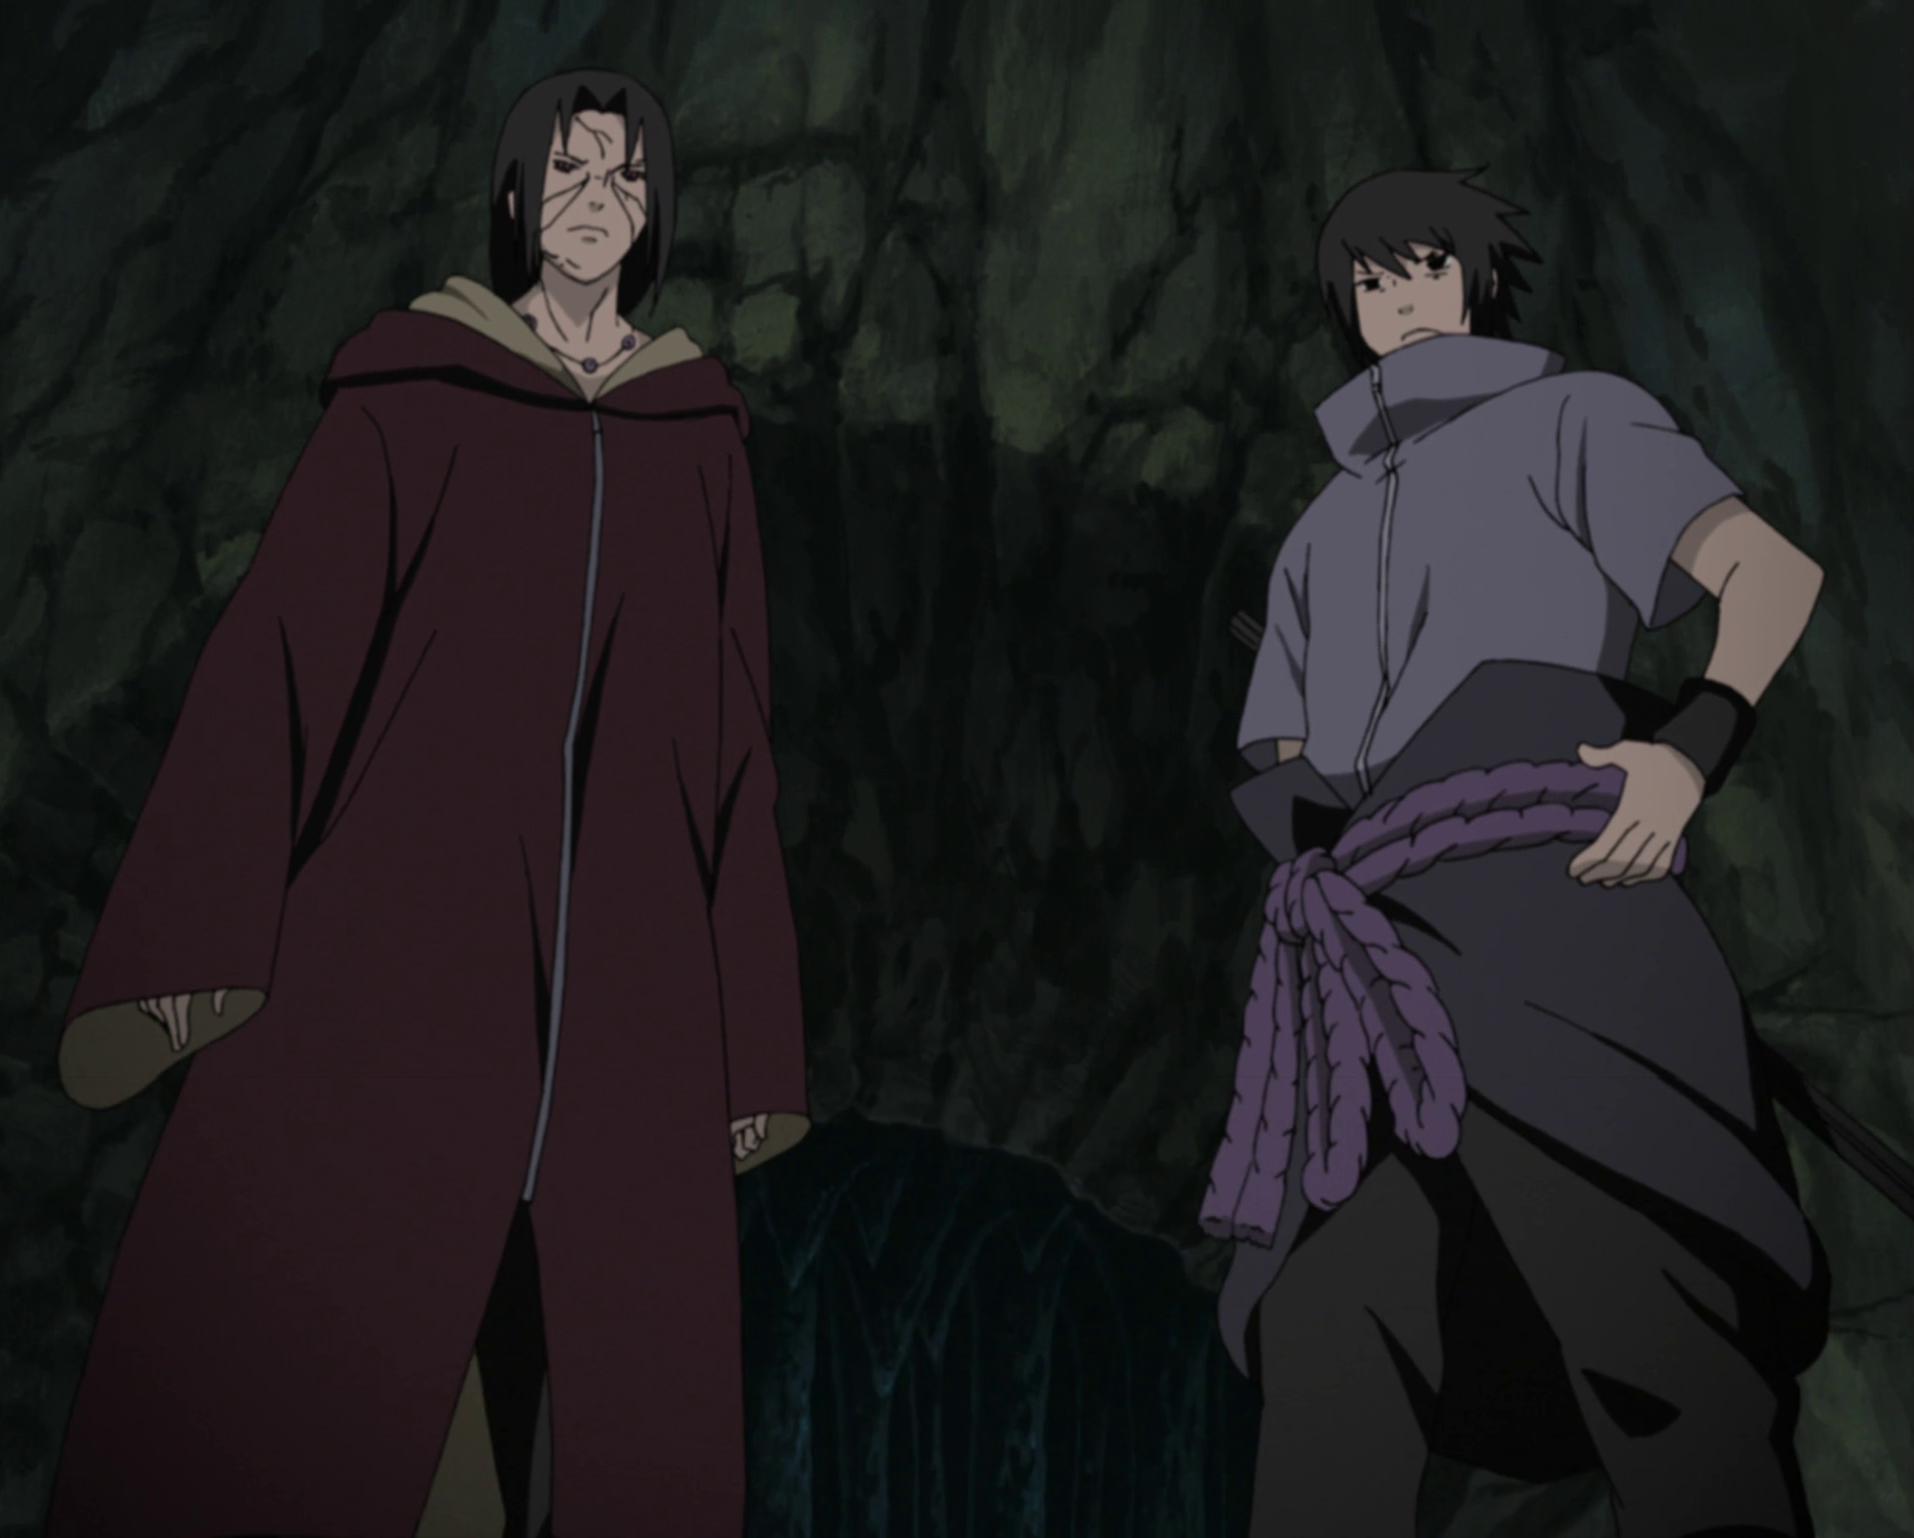 Le prochain posteur. - Page 27 Sasuke_s%27associe_avec_Itachi_pour_vaincre_Kabuto